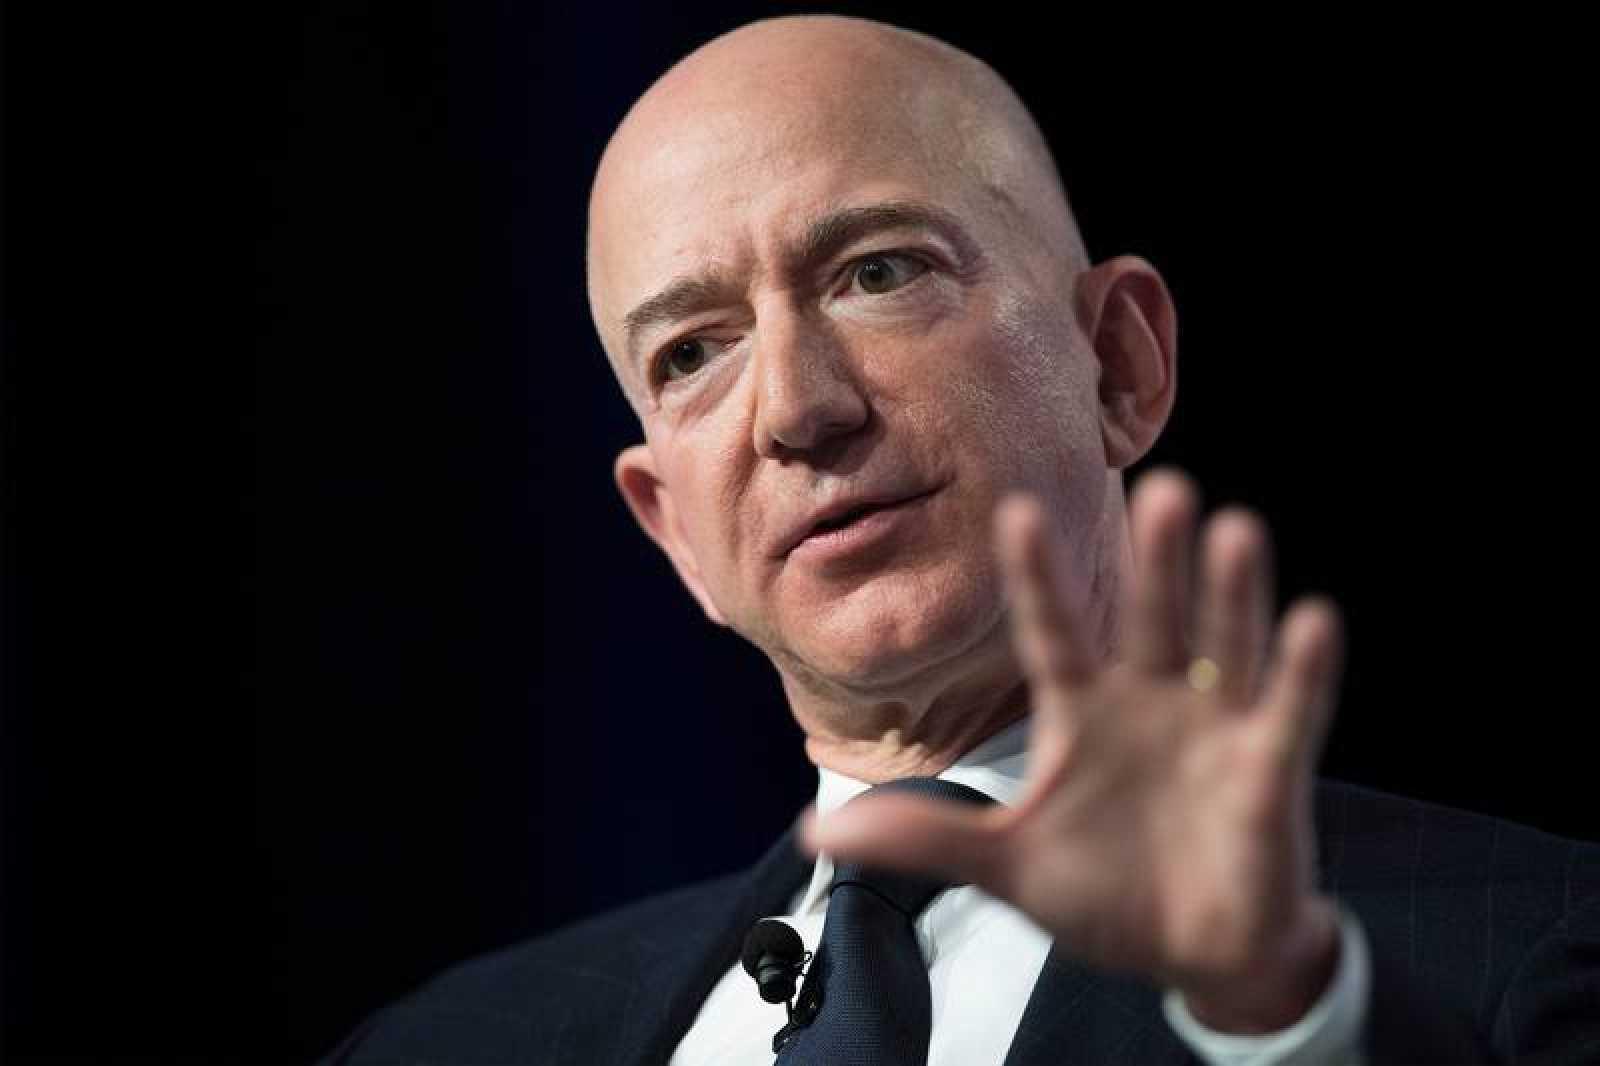 El dueño de Amazon Jeff Bezos, sigue siendo la persona más rica del mundo